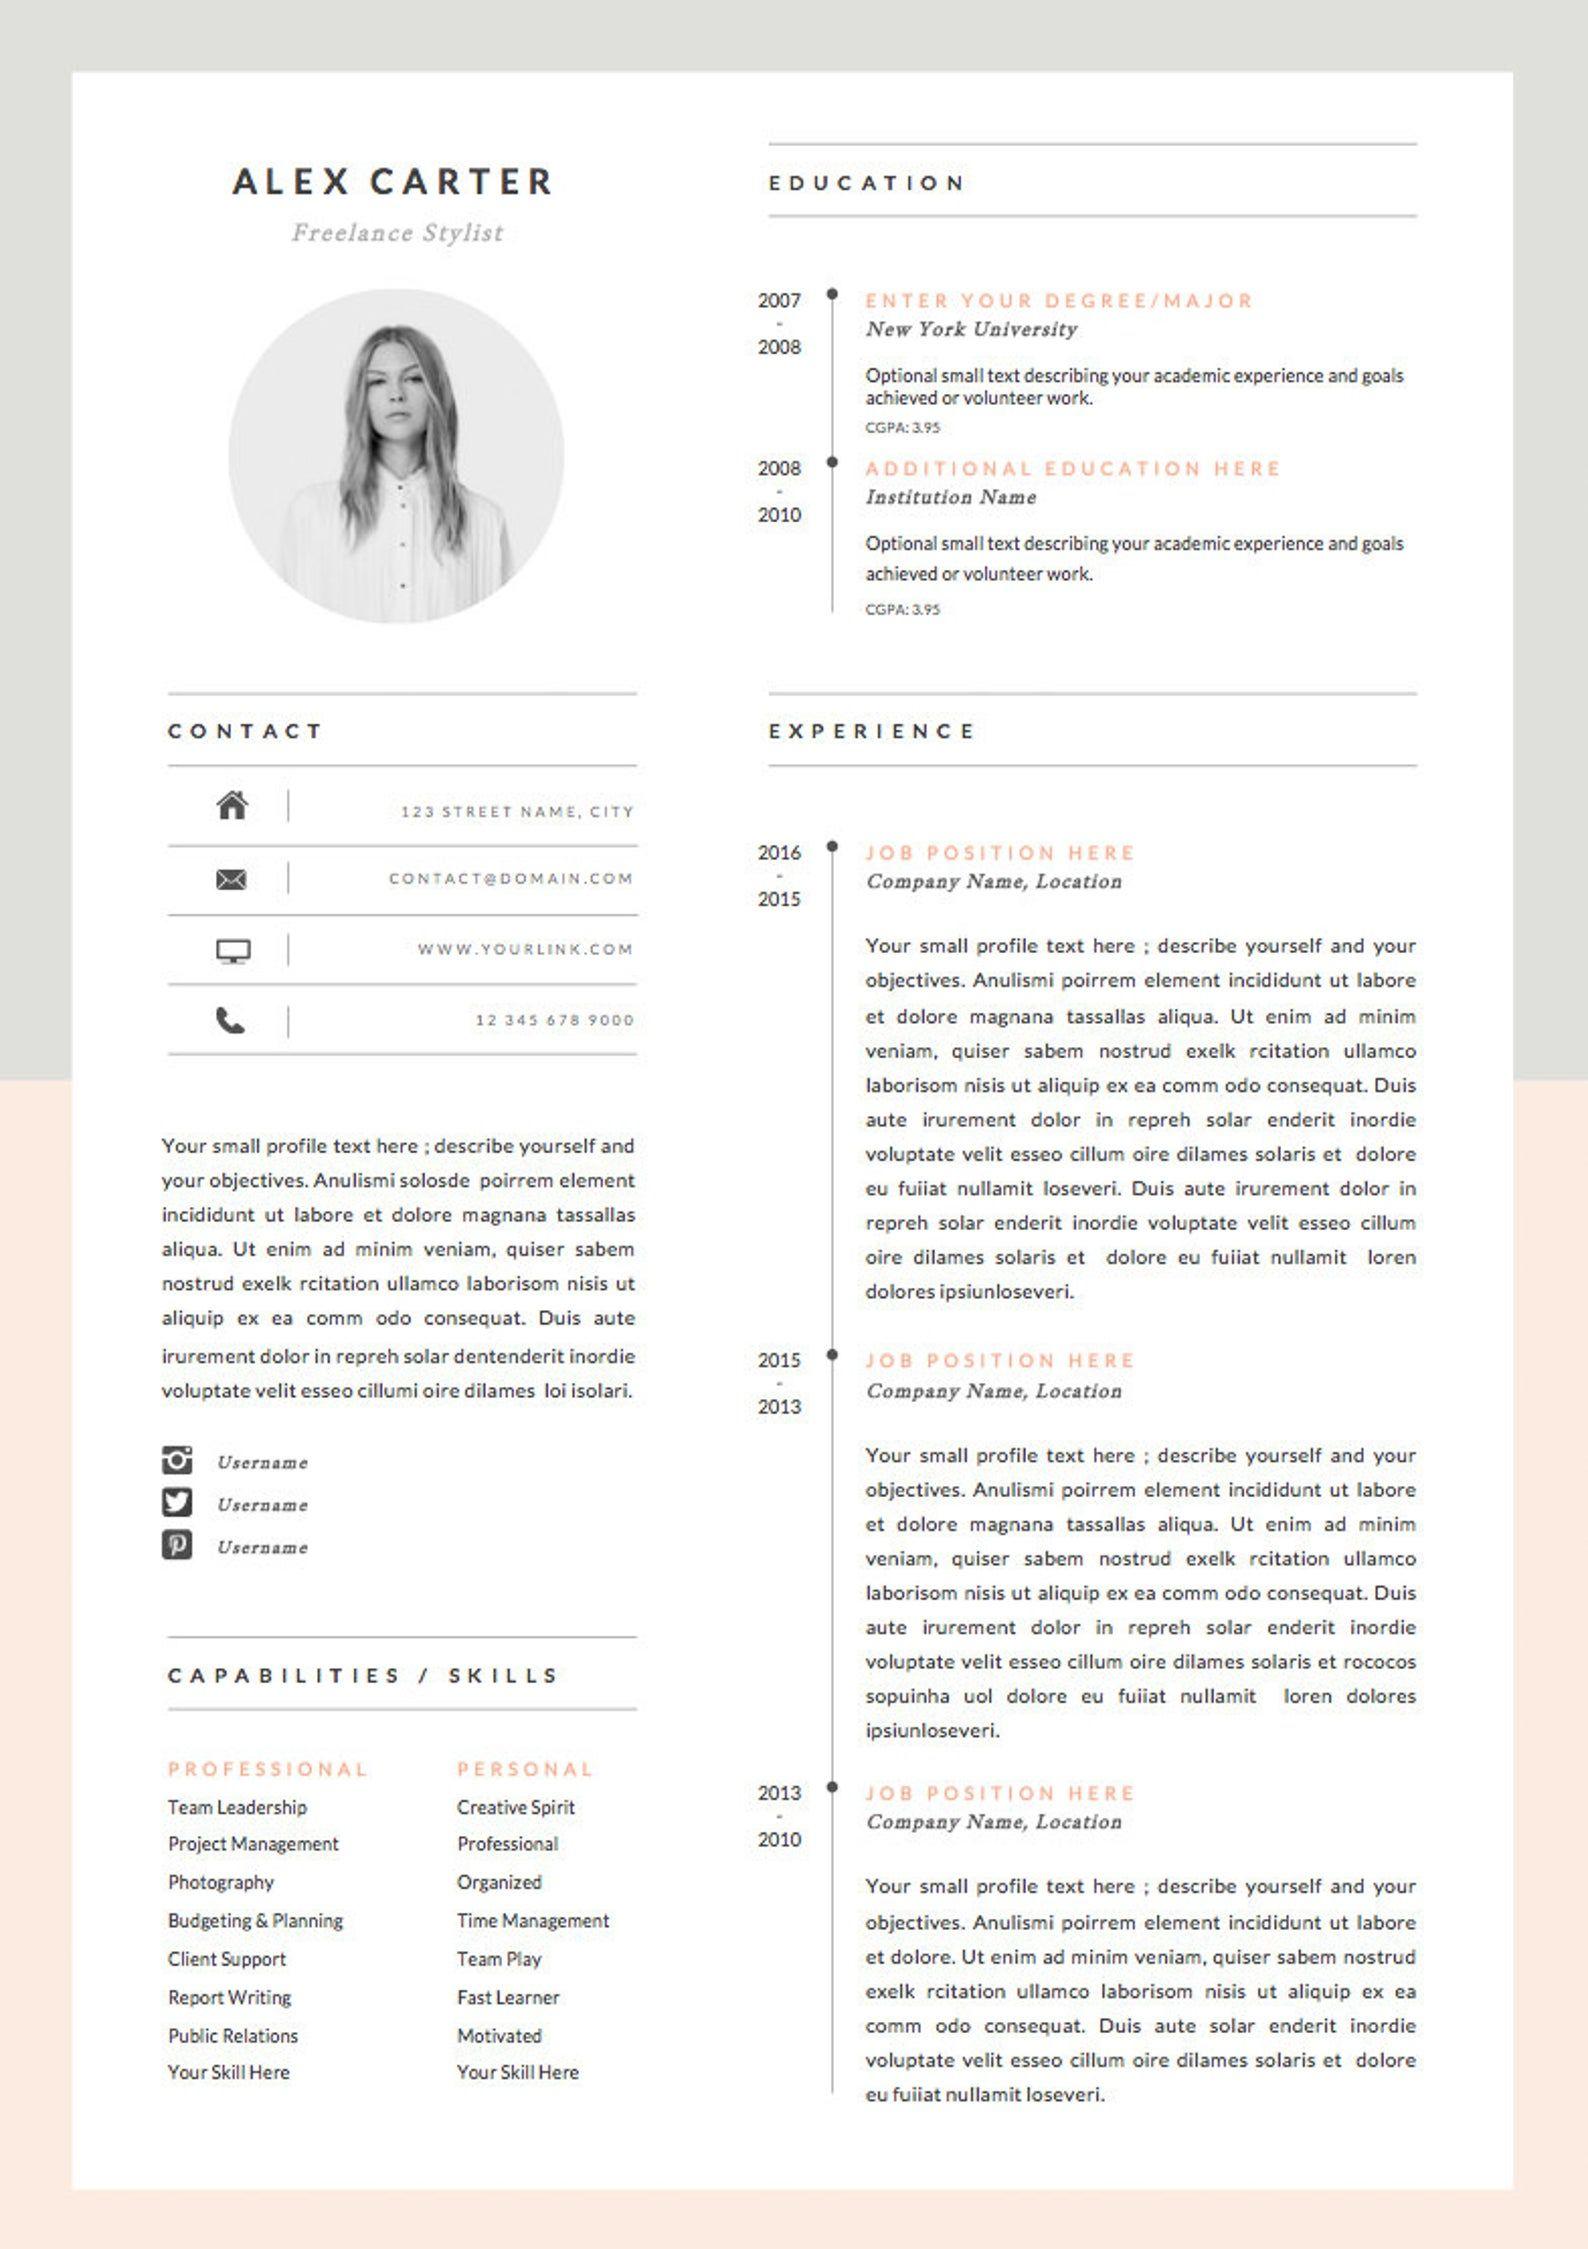 Modello Di Curriculum Moderno E Lettera Di Presentazione Set Etsy In 2020 Letter Icon Infographic Resume Modern Resume Template